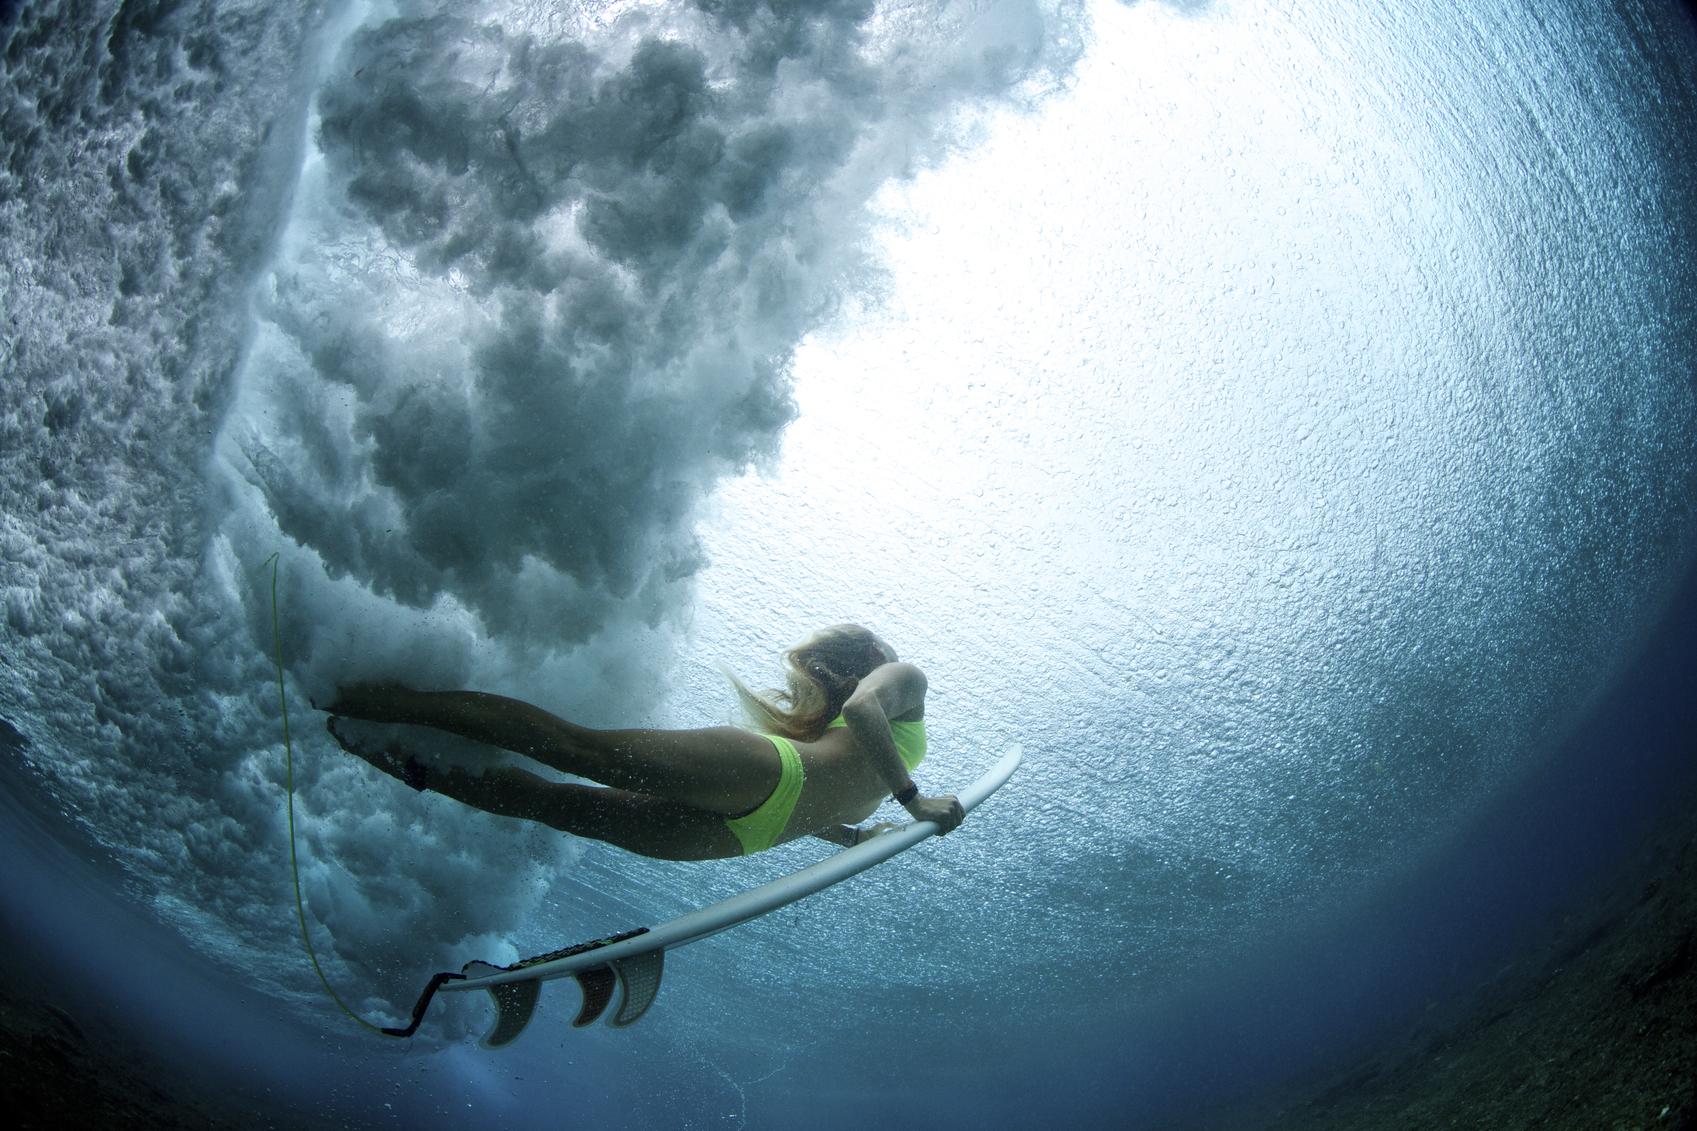 Le acque pi blu e cristalline del mondo mari e laghi for Acque pure italia opinioni